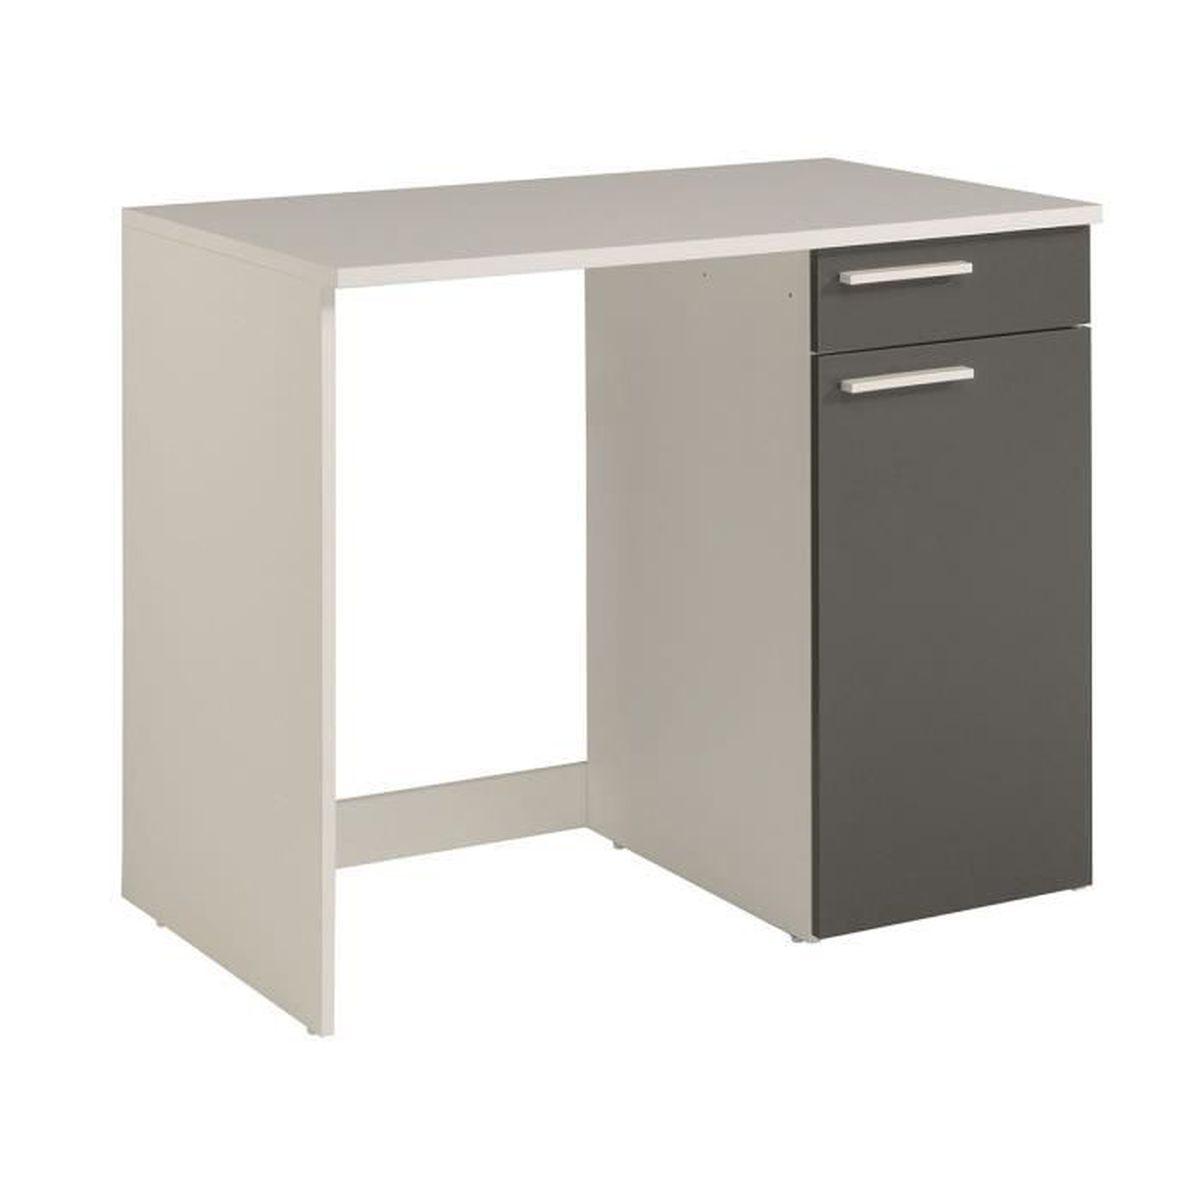 meuble pour lave linge achat vente meuble pour lave linge pas cher soldes d s le 10. Black Bedroom Furniture Sets. Home Design Ideas